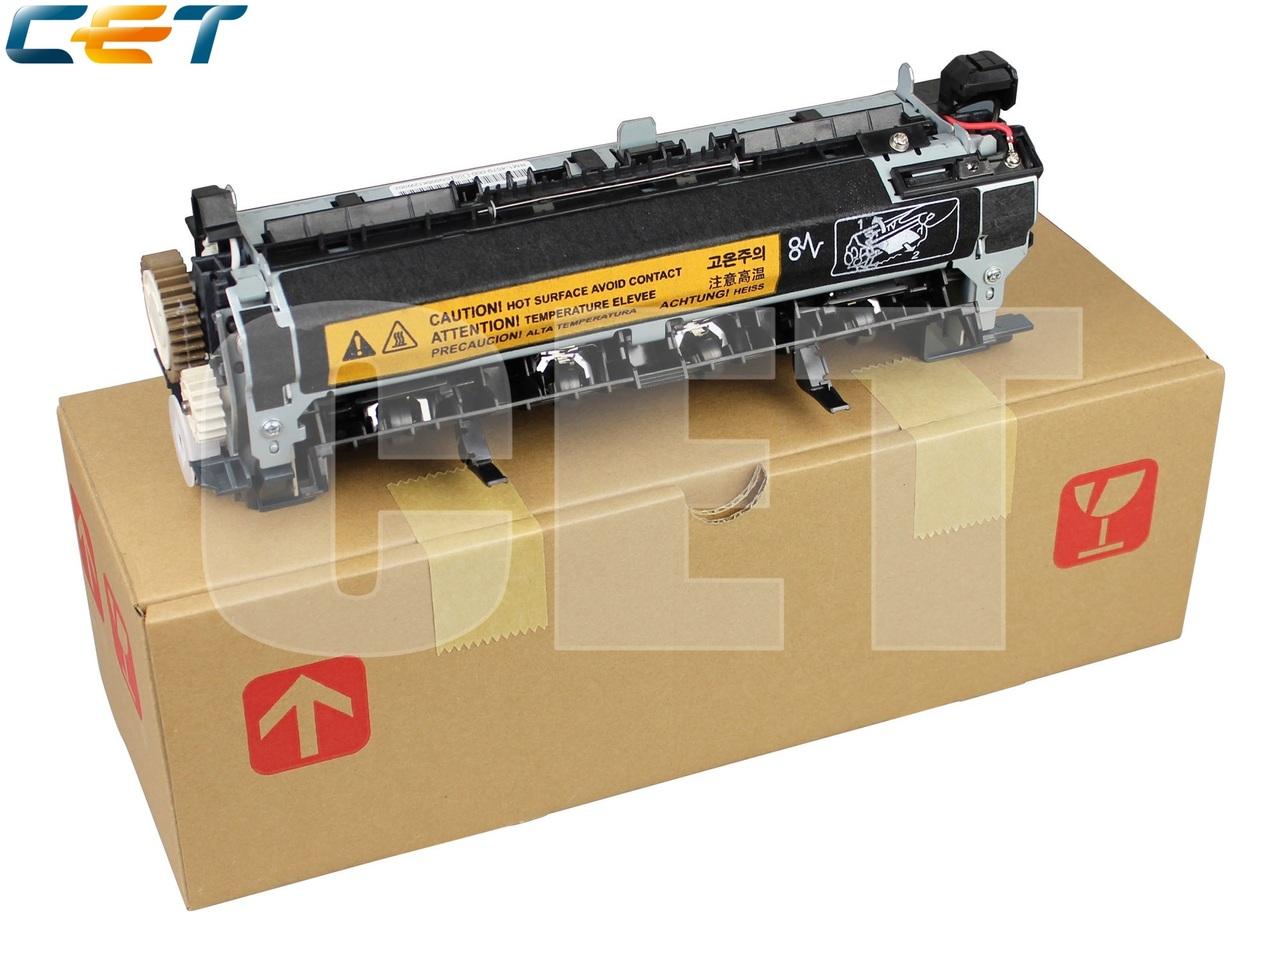 Фьюзер (печка) в сборе RM1-4579-000 для HP LaserJetP4014/P4015/P4515 (CET), CET5958